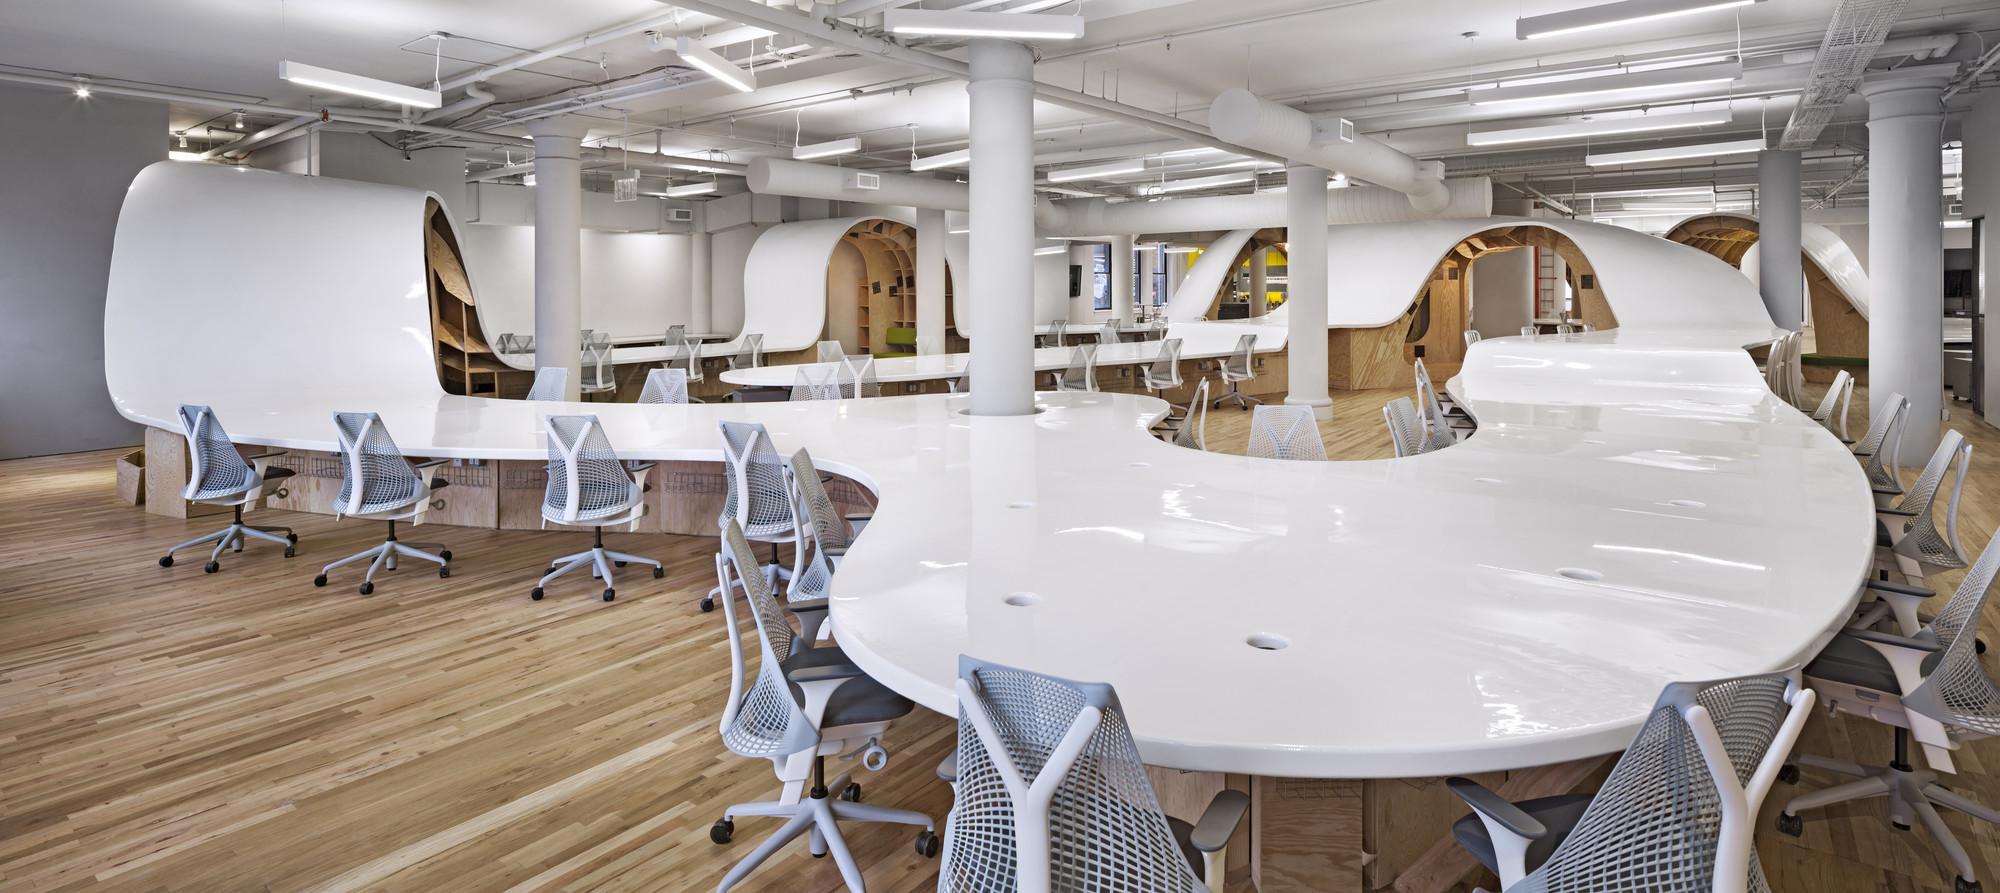 LO MEJOR en oficinas: The Barbarian Group; Nueva York, EEUU / Clive Wilkinson Architects. Imágen cortesía de INSIDE